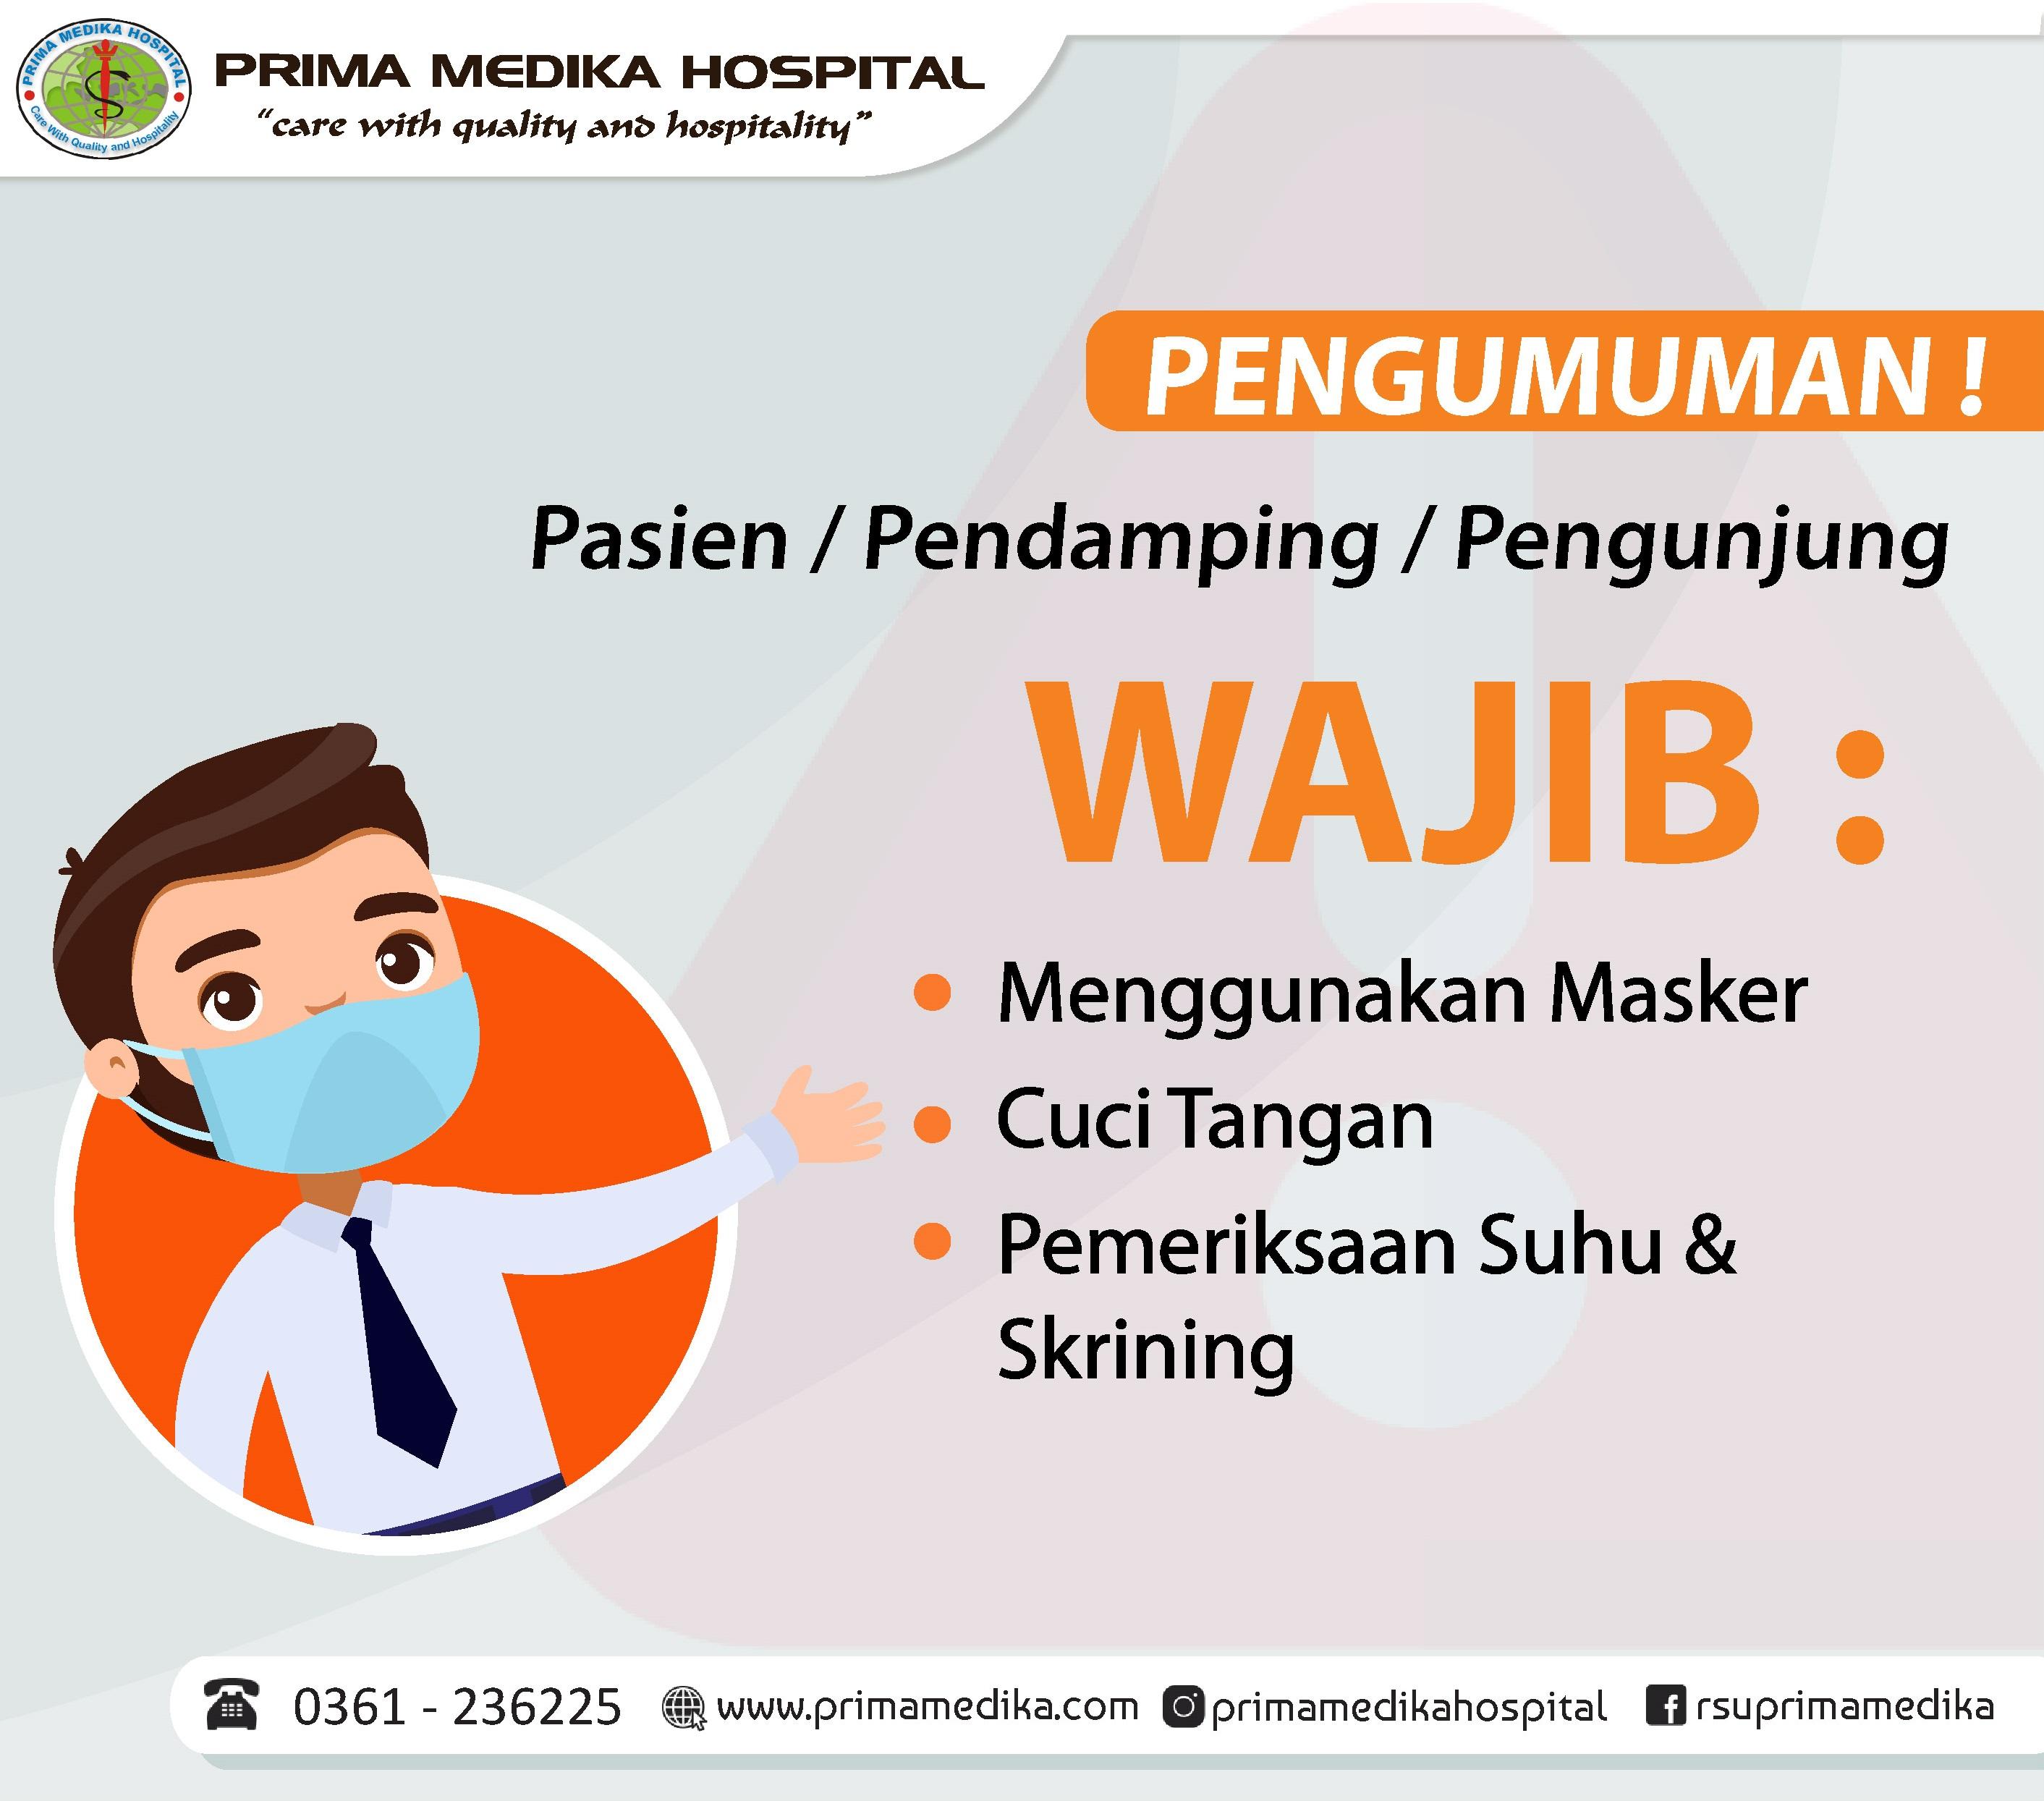 Perhatian ! Pasien, Pengunjung, dan Penunggu Pasien Wajib Menggunakan Masker